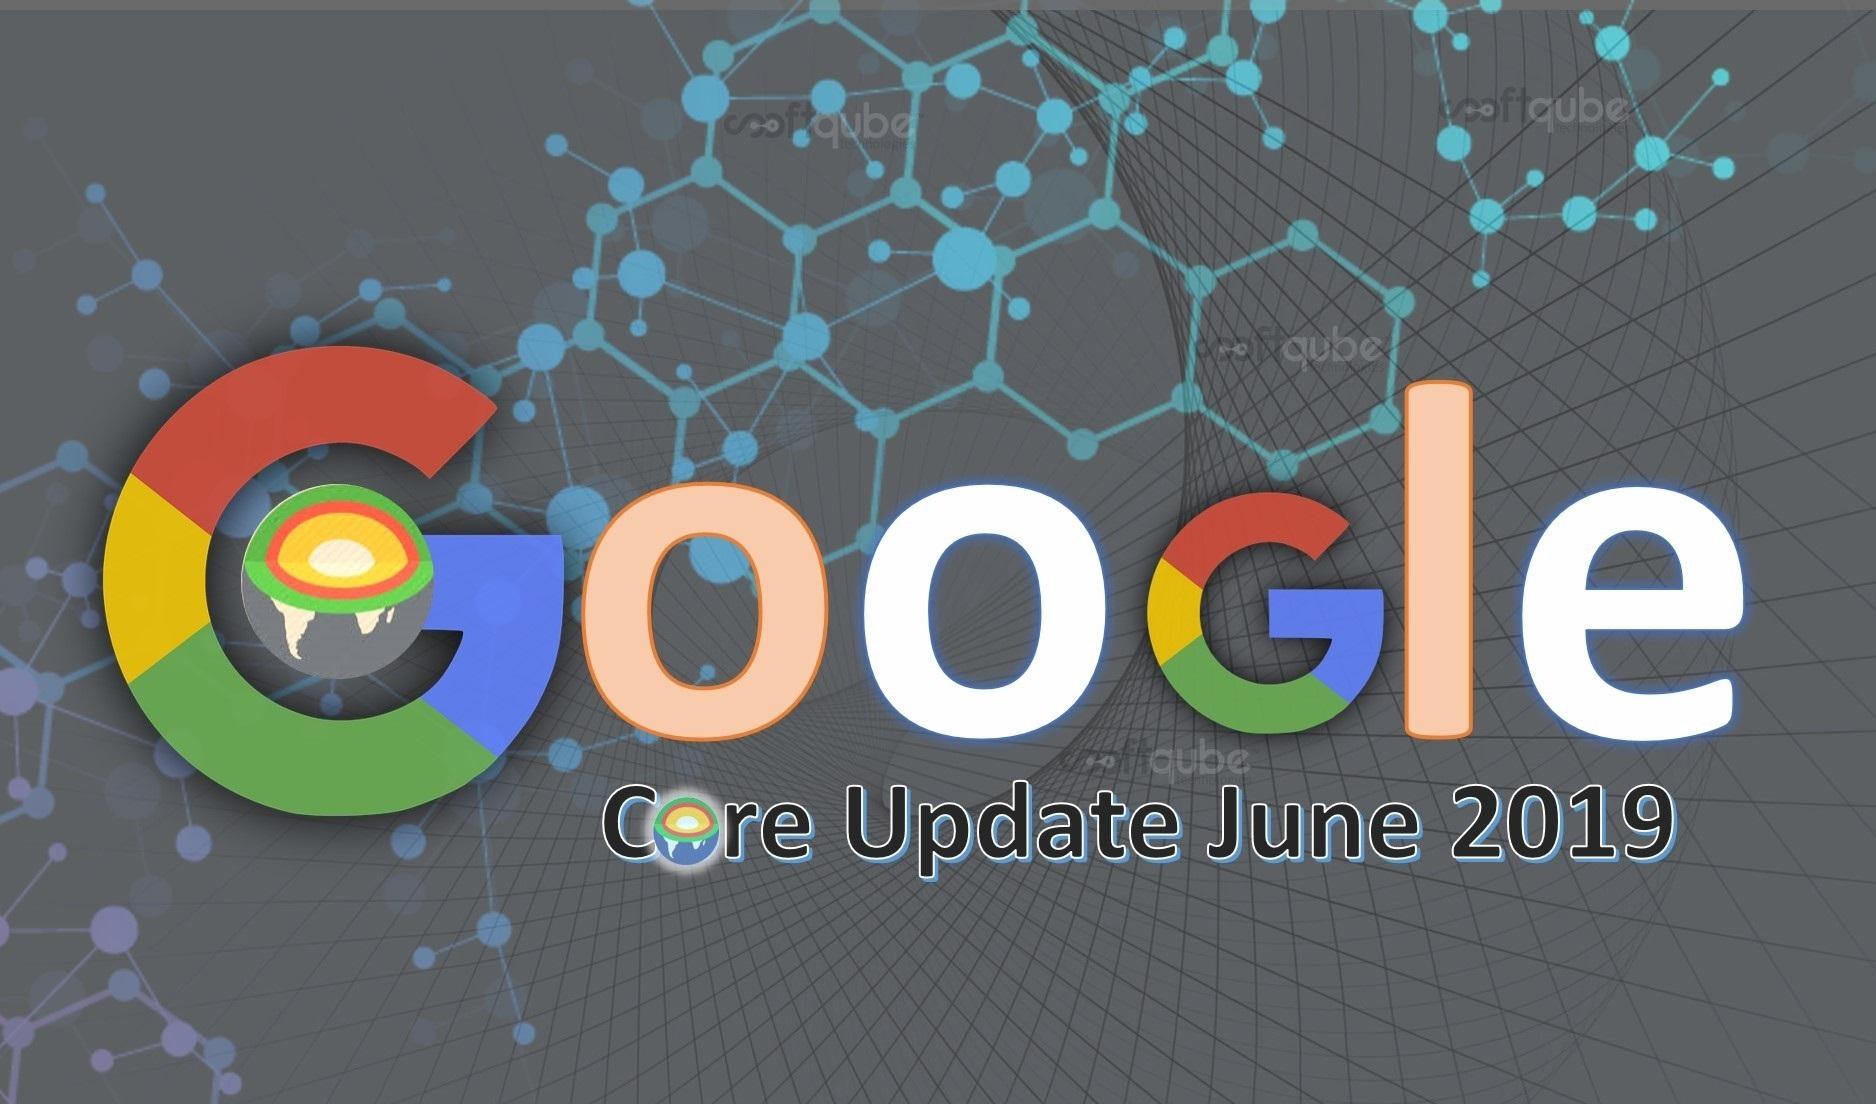 Google core update June 2019